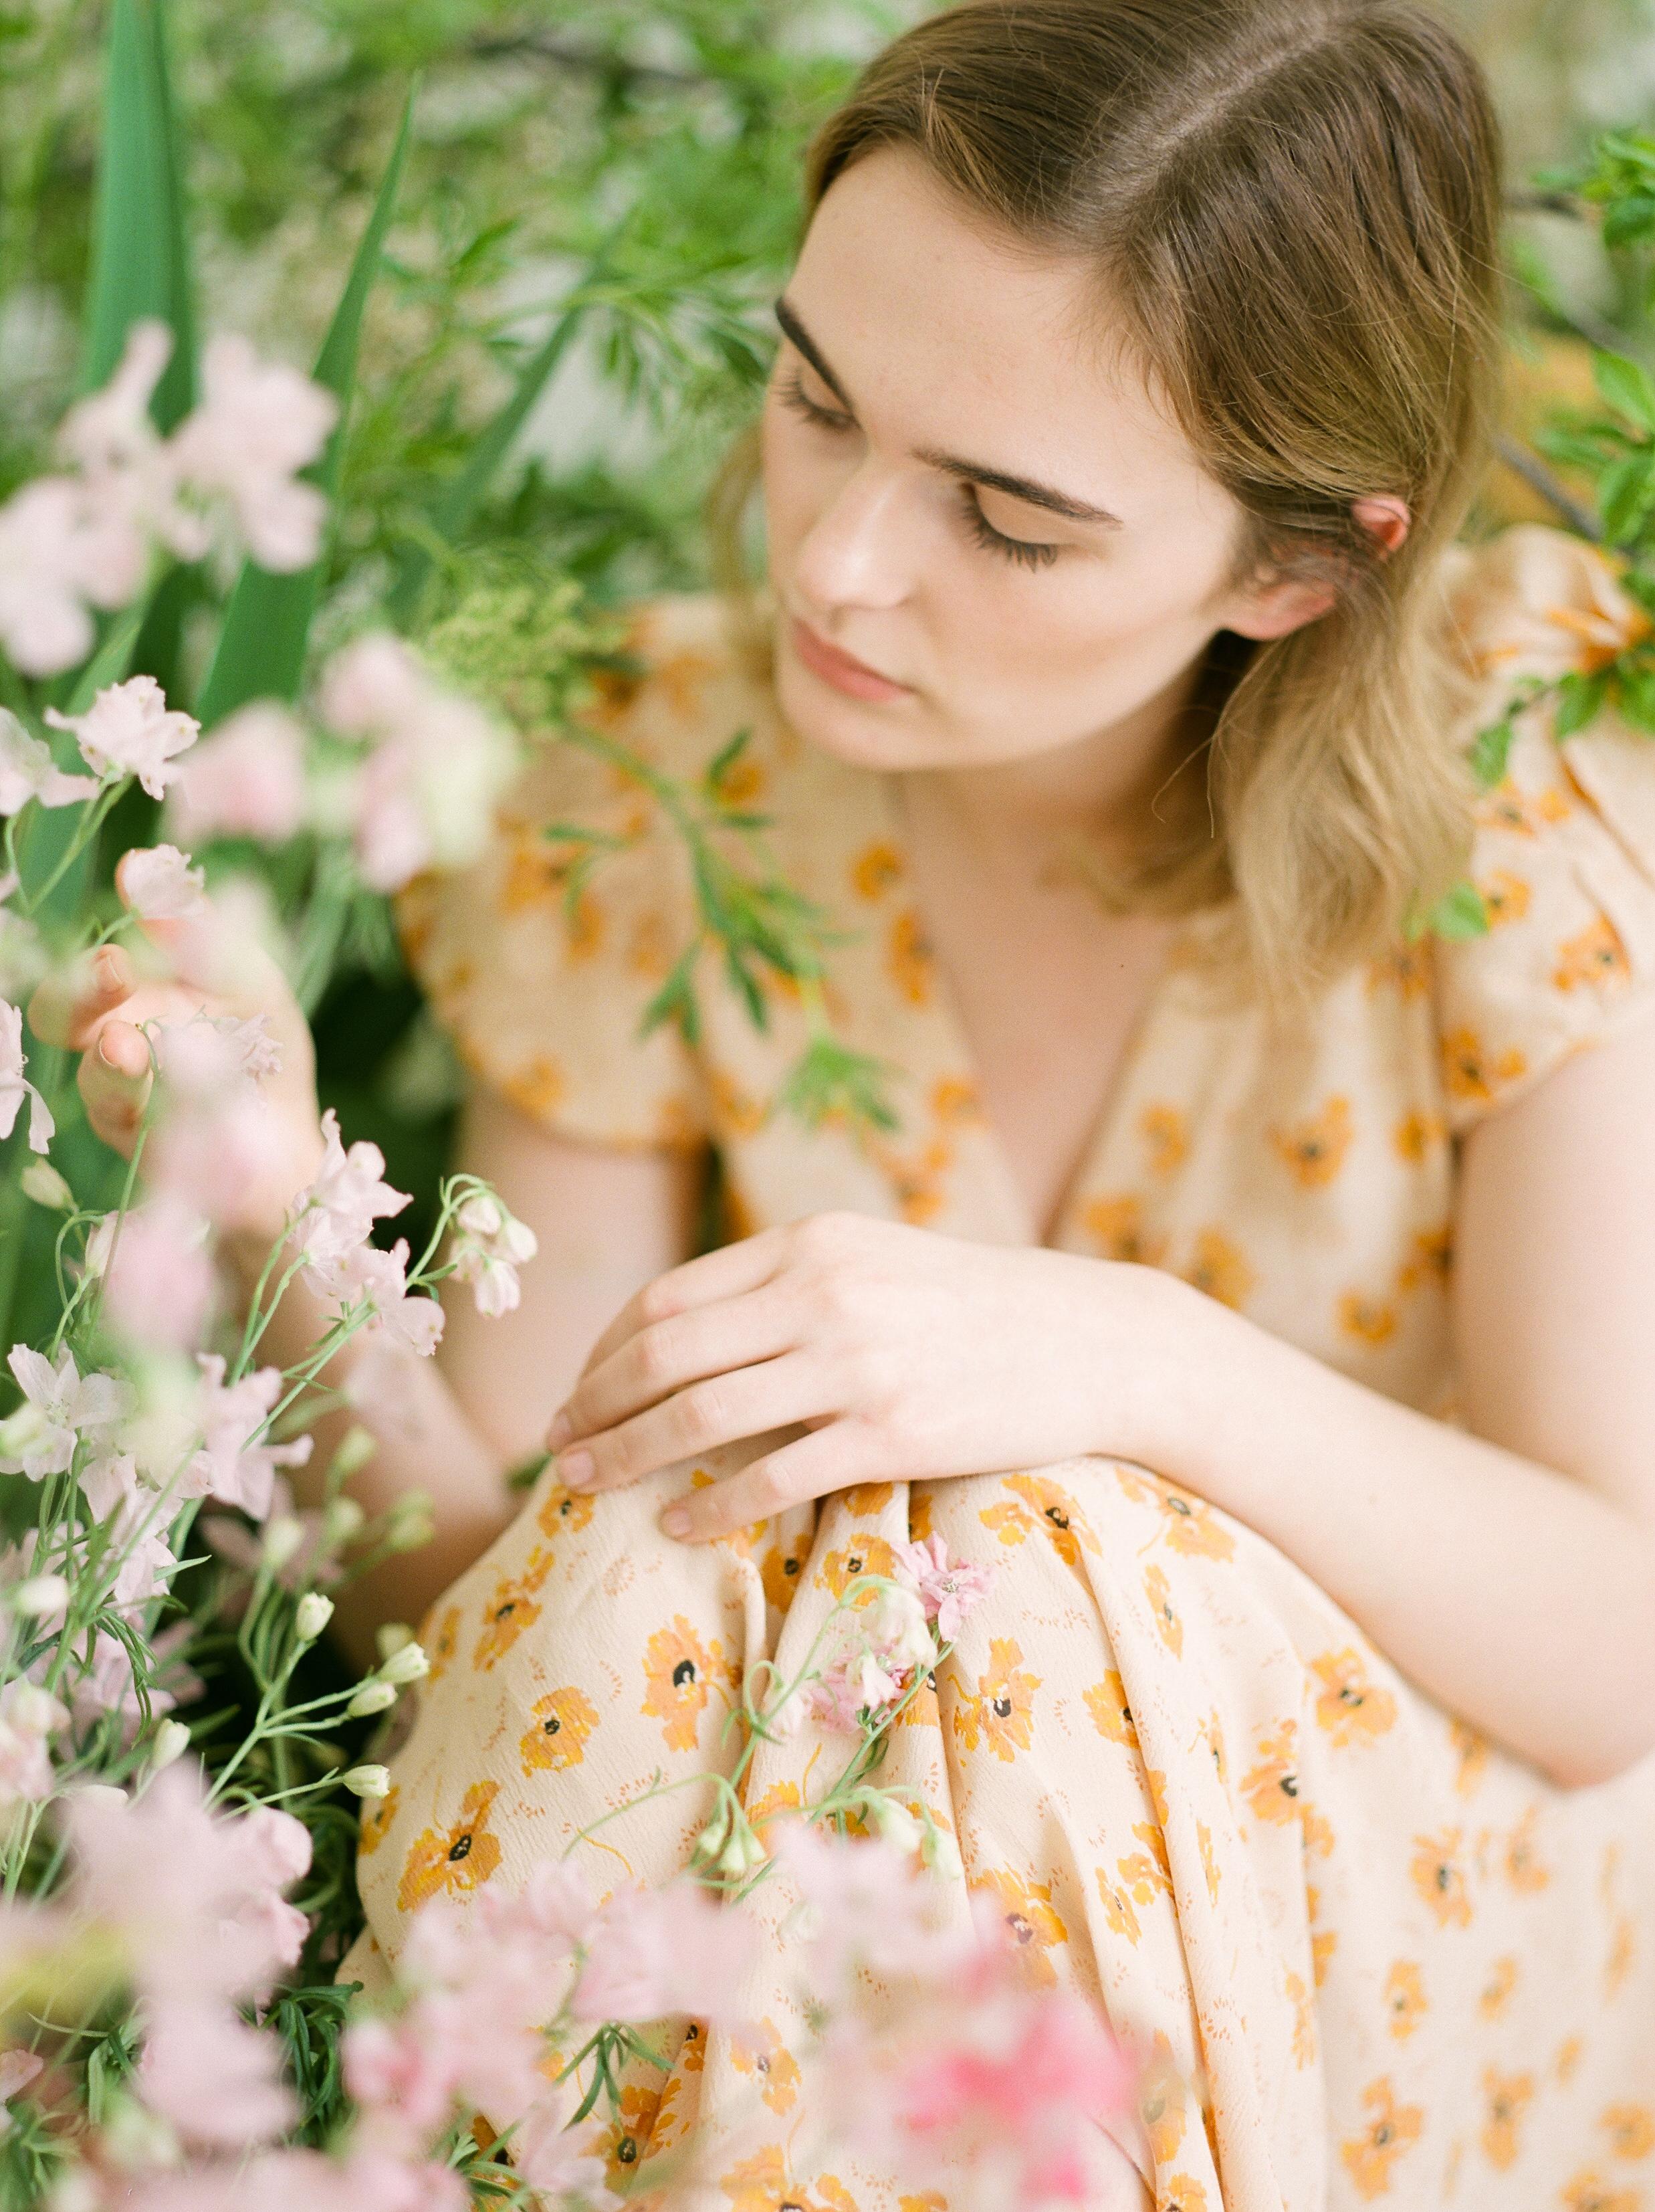 olya_vitulli_loom_bloom-24b.jpg